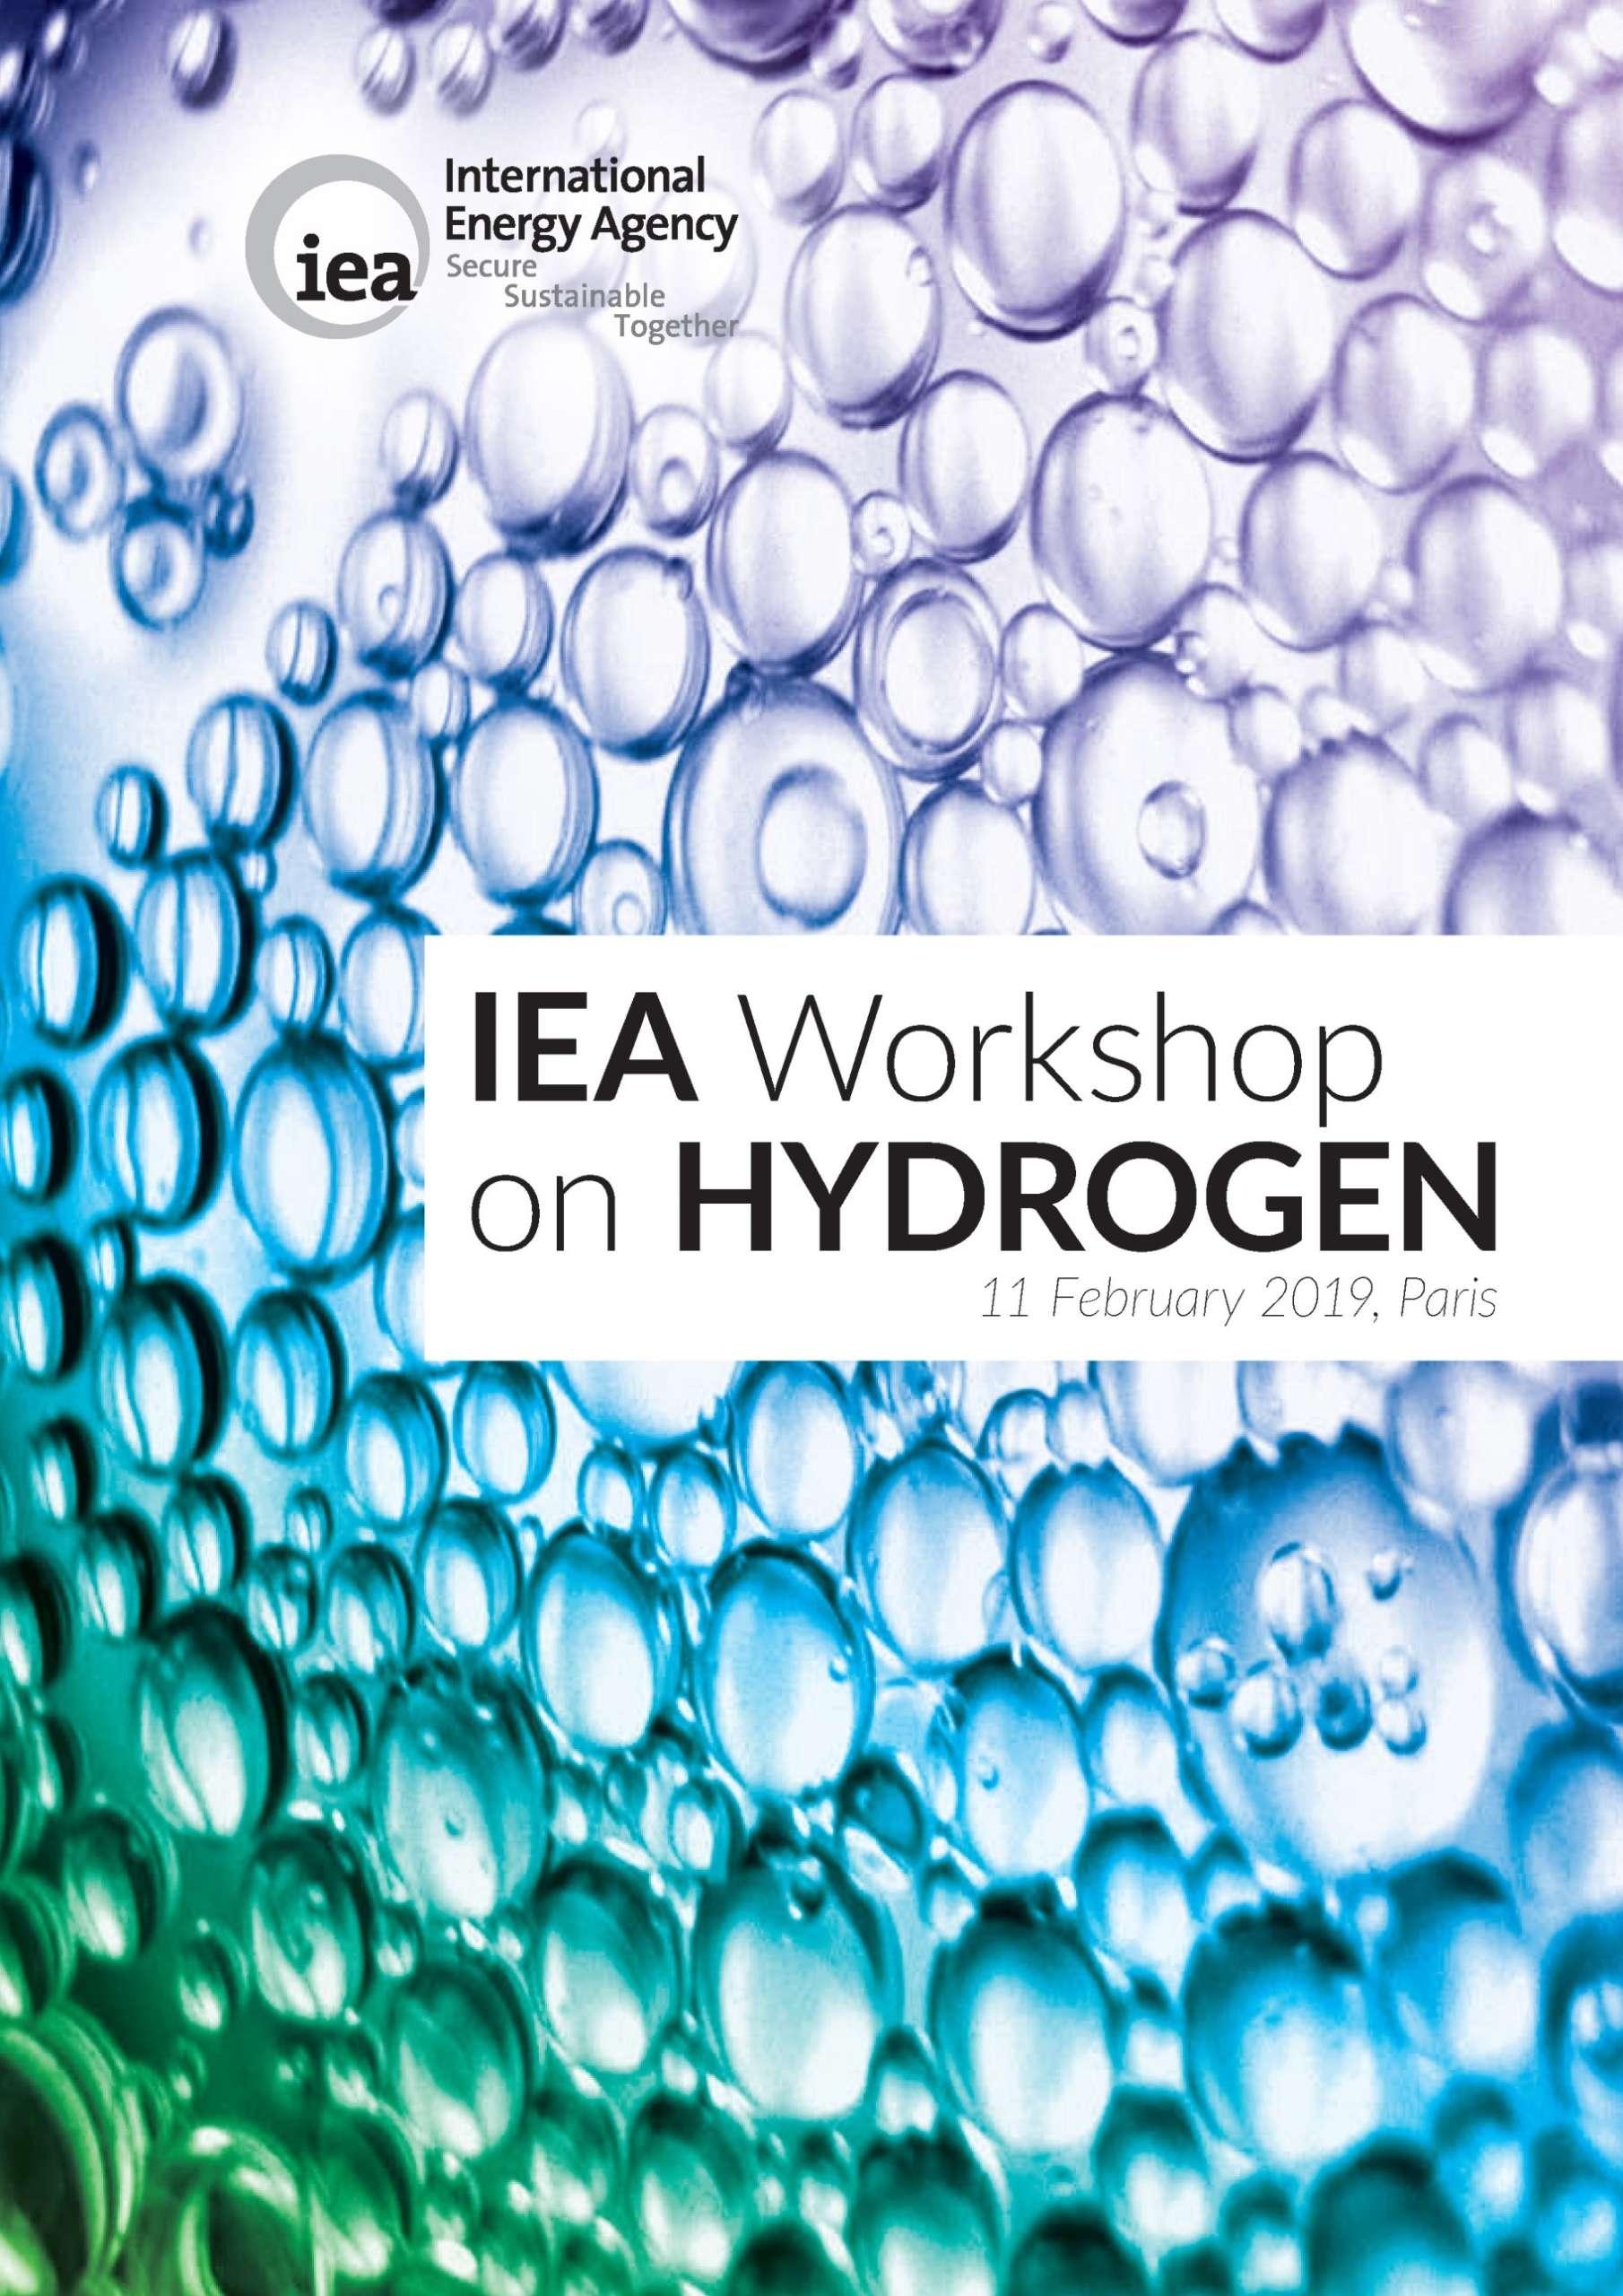 IEA Workshop on Hydrogen